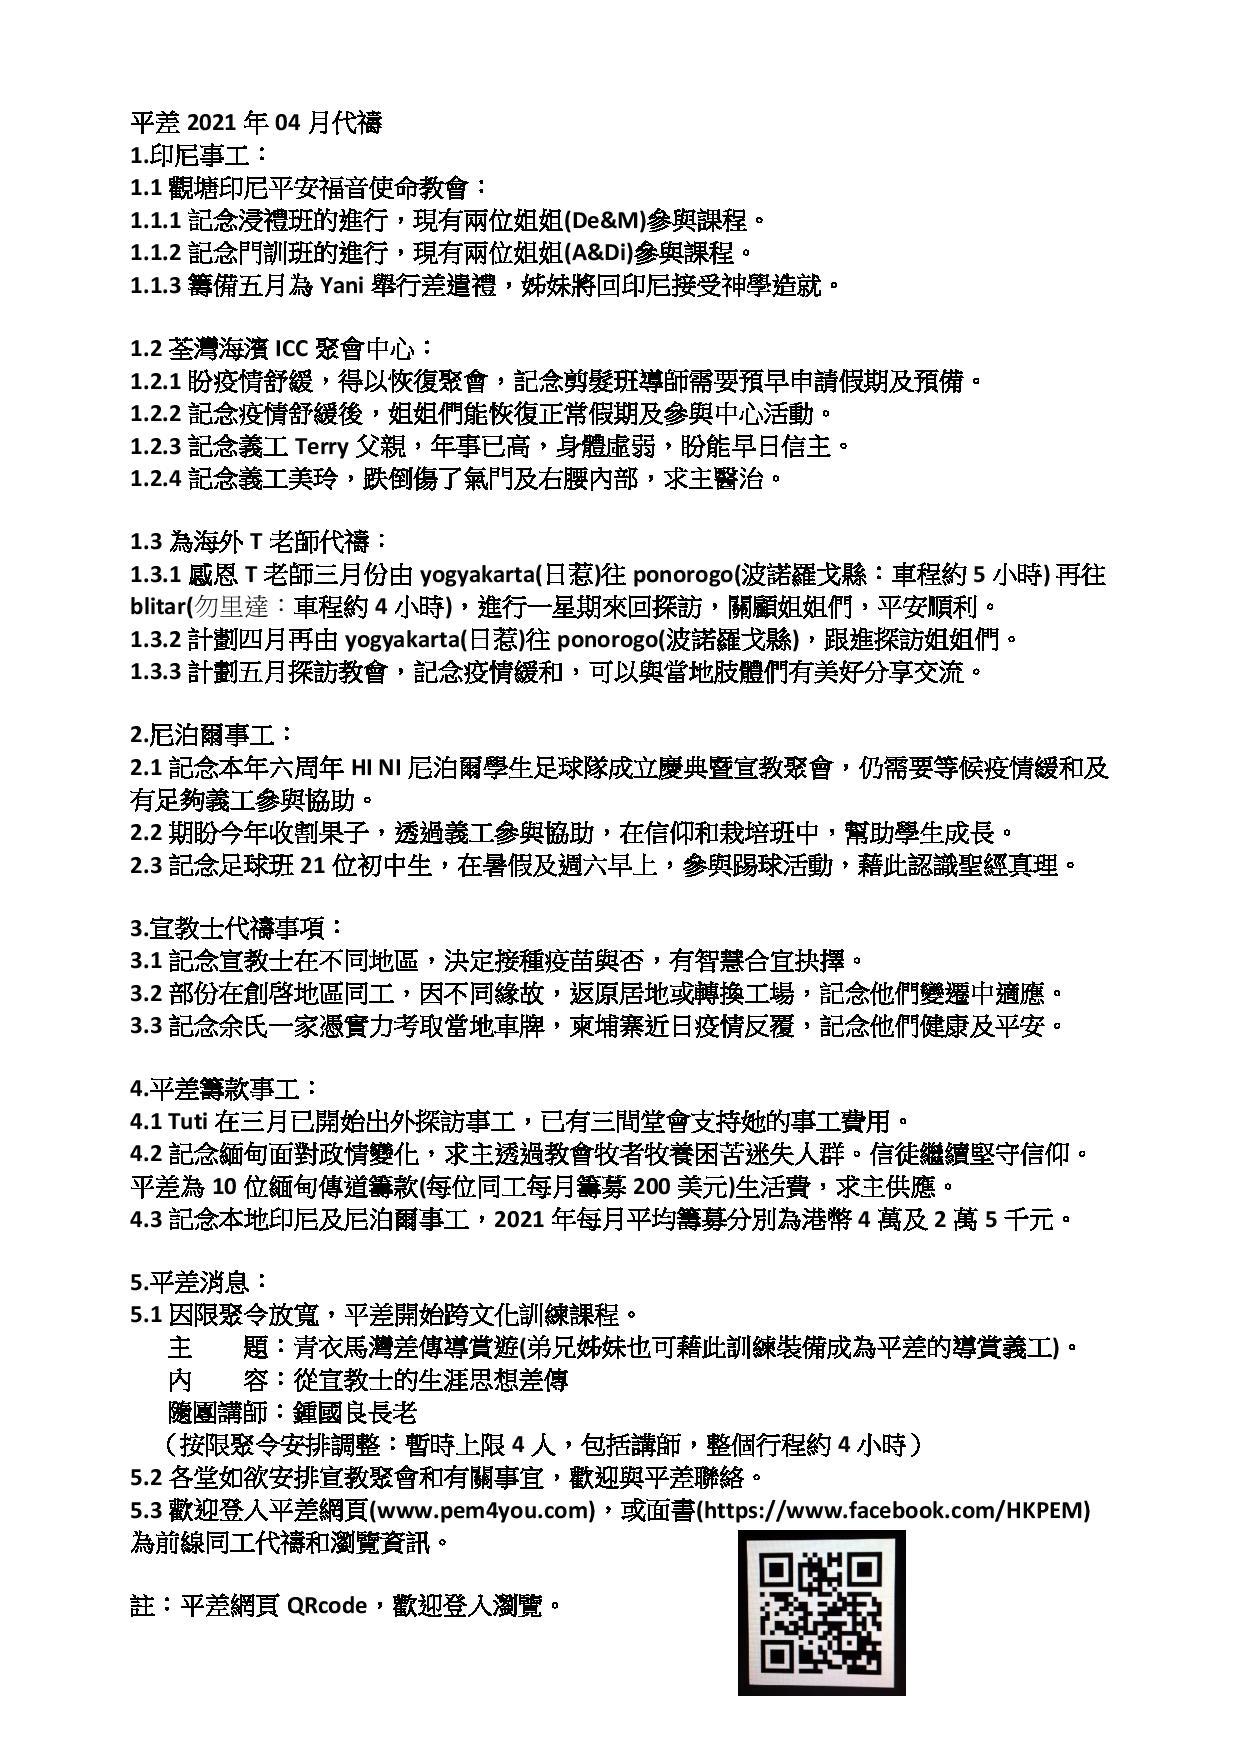 平差202104代禱-page-001